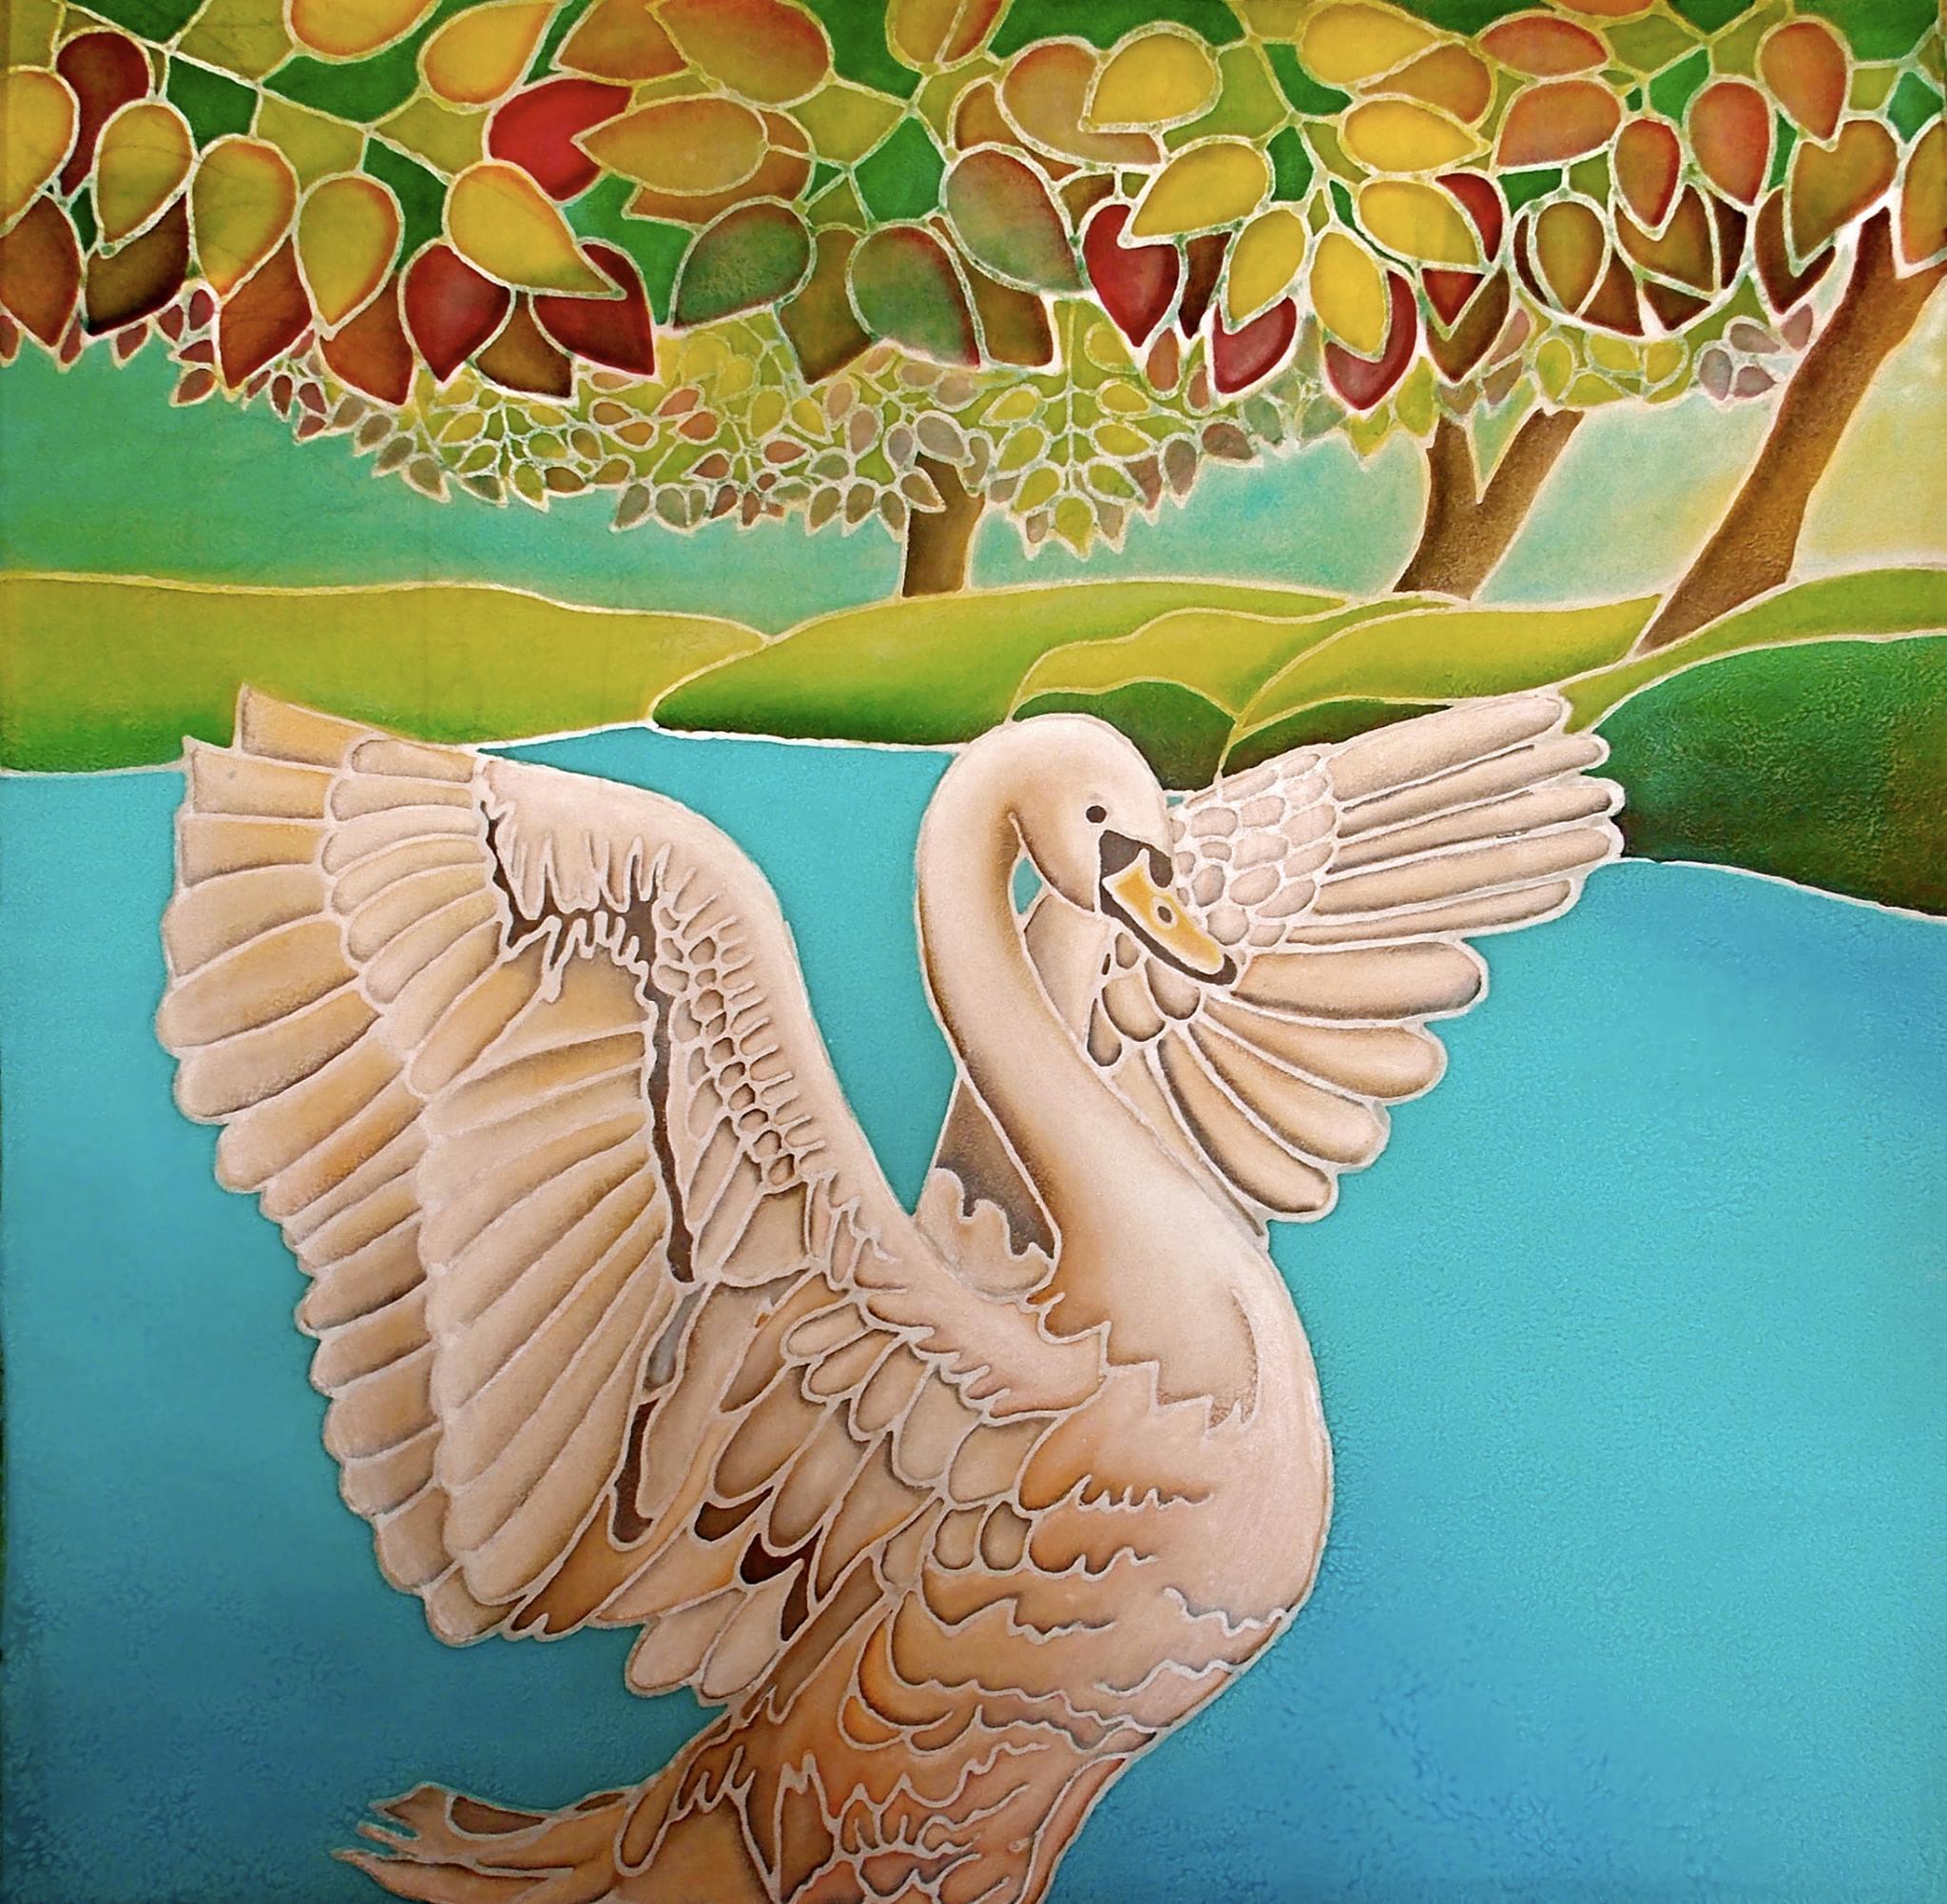 Swan-4 season